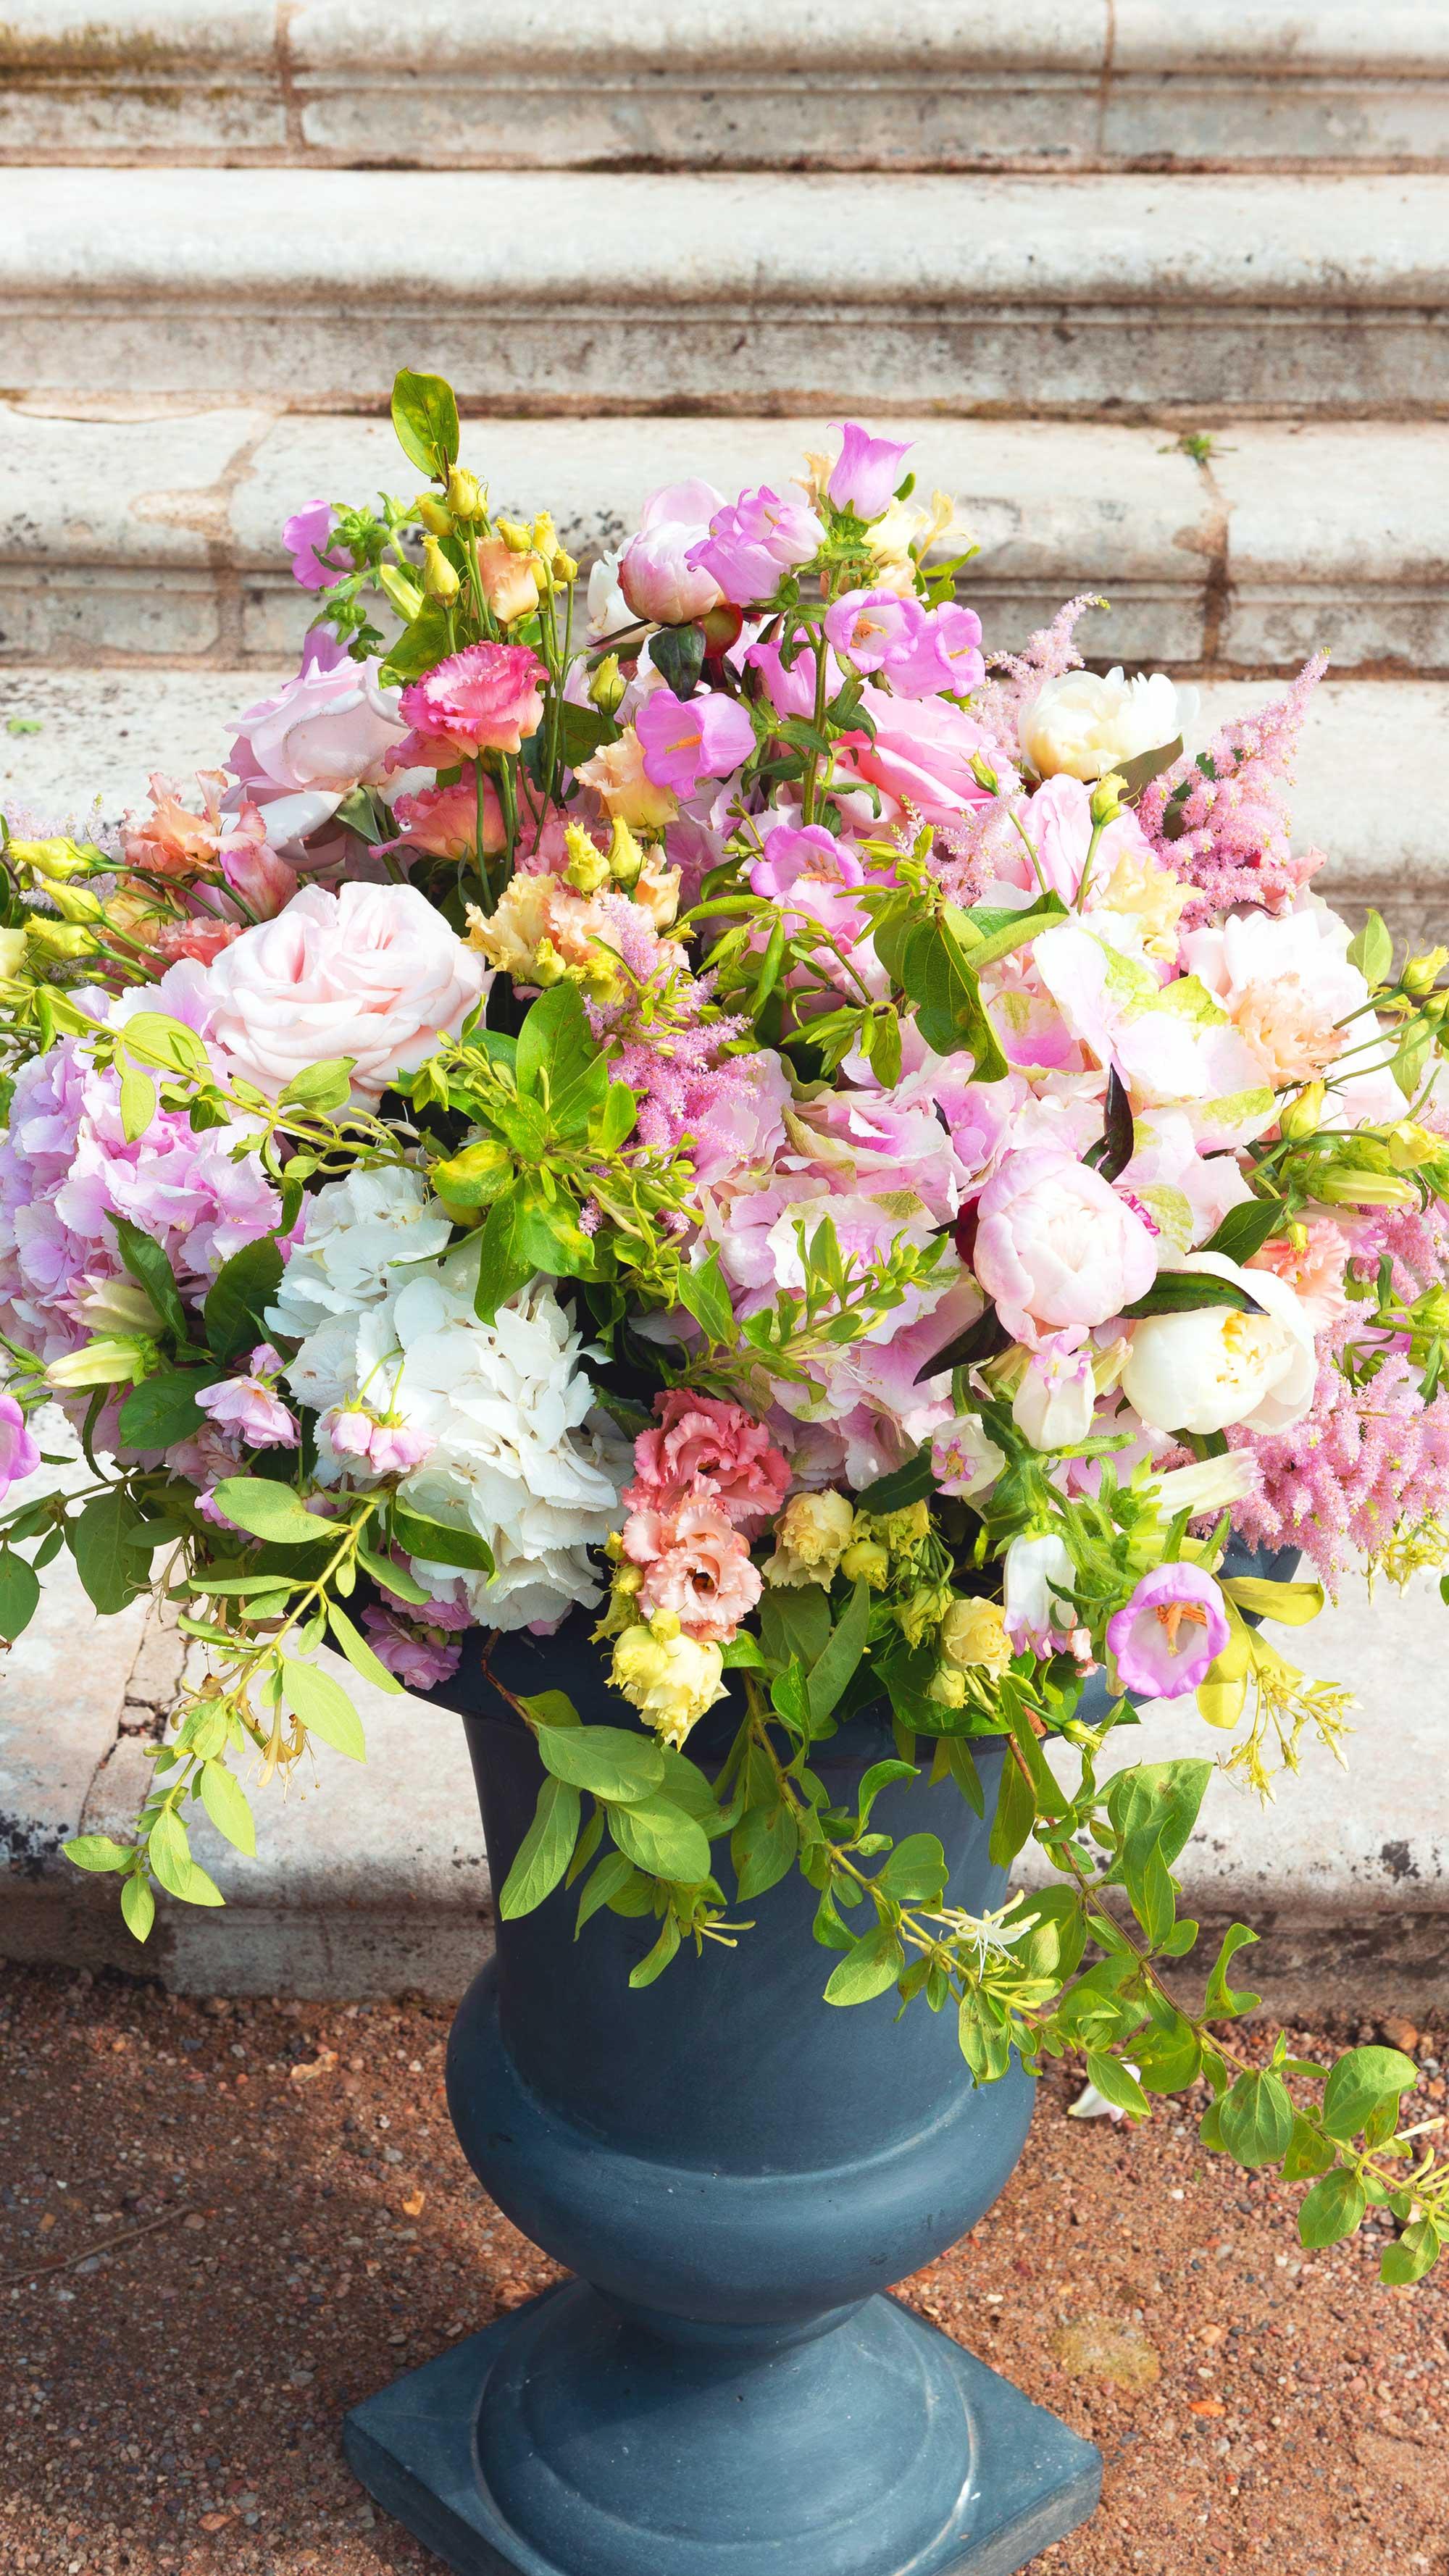 Bouquet de fleur dans vase en pierre